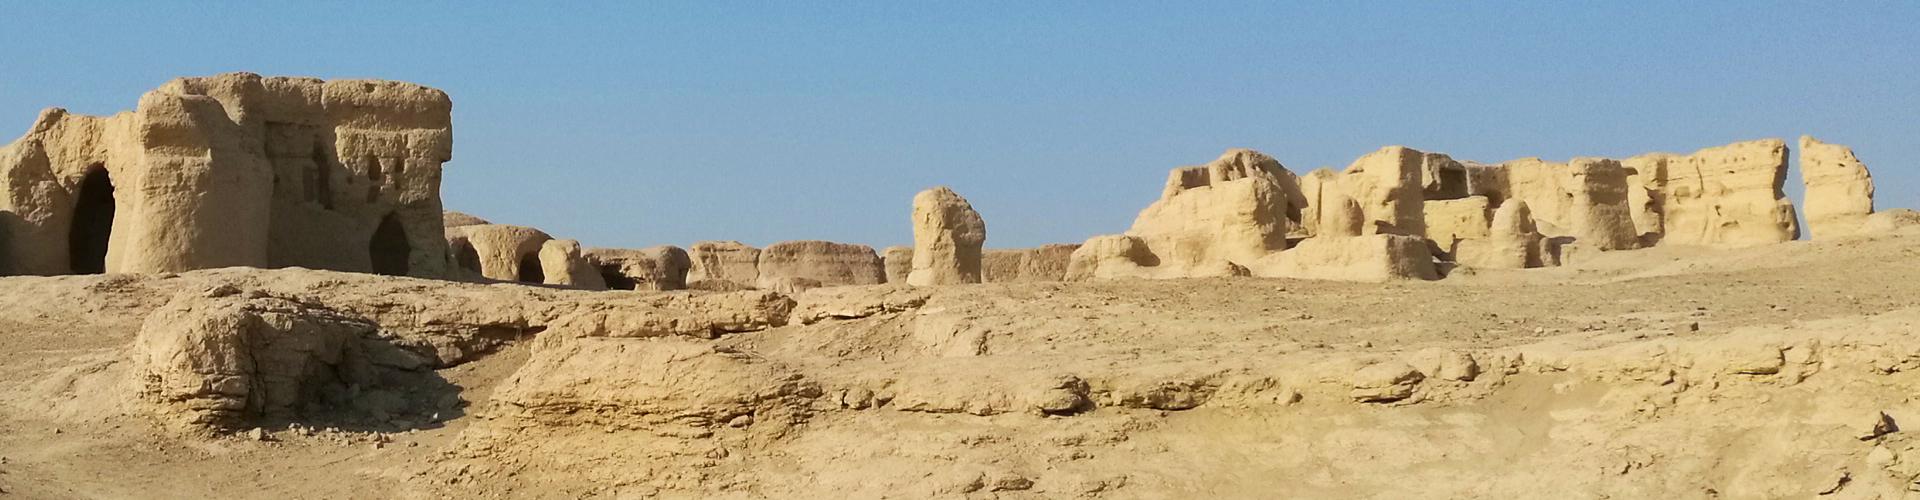 ruines de Jiaohe